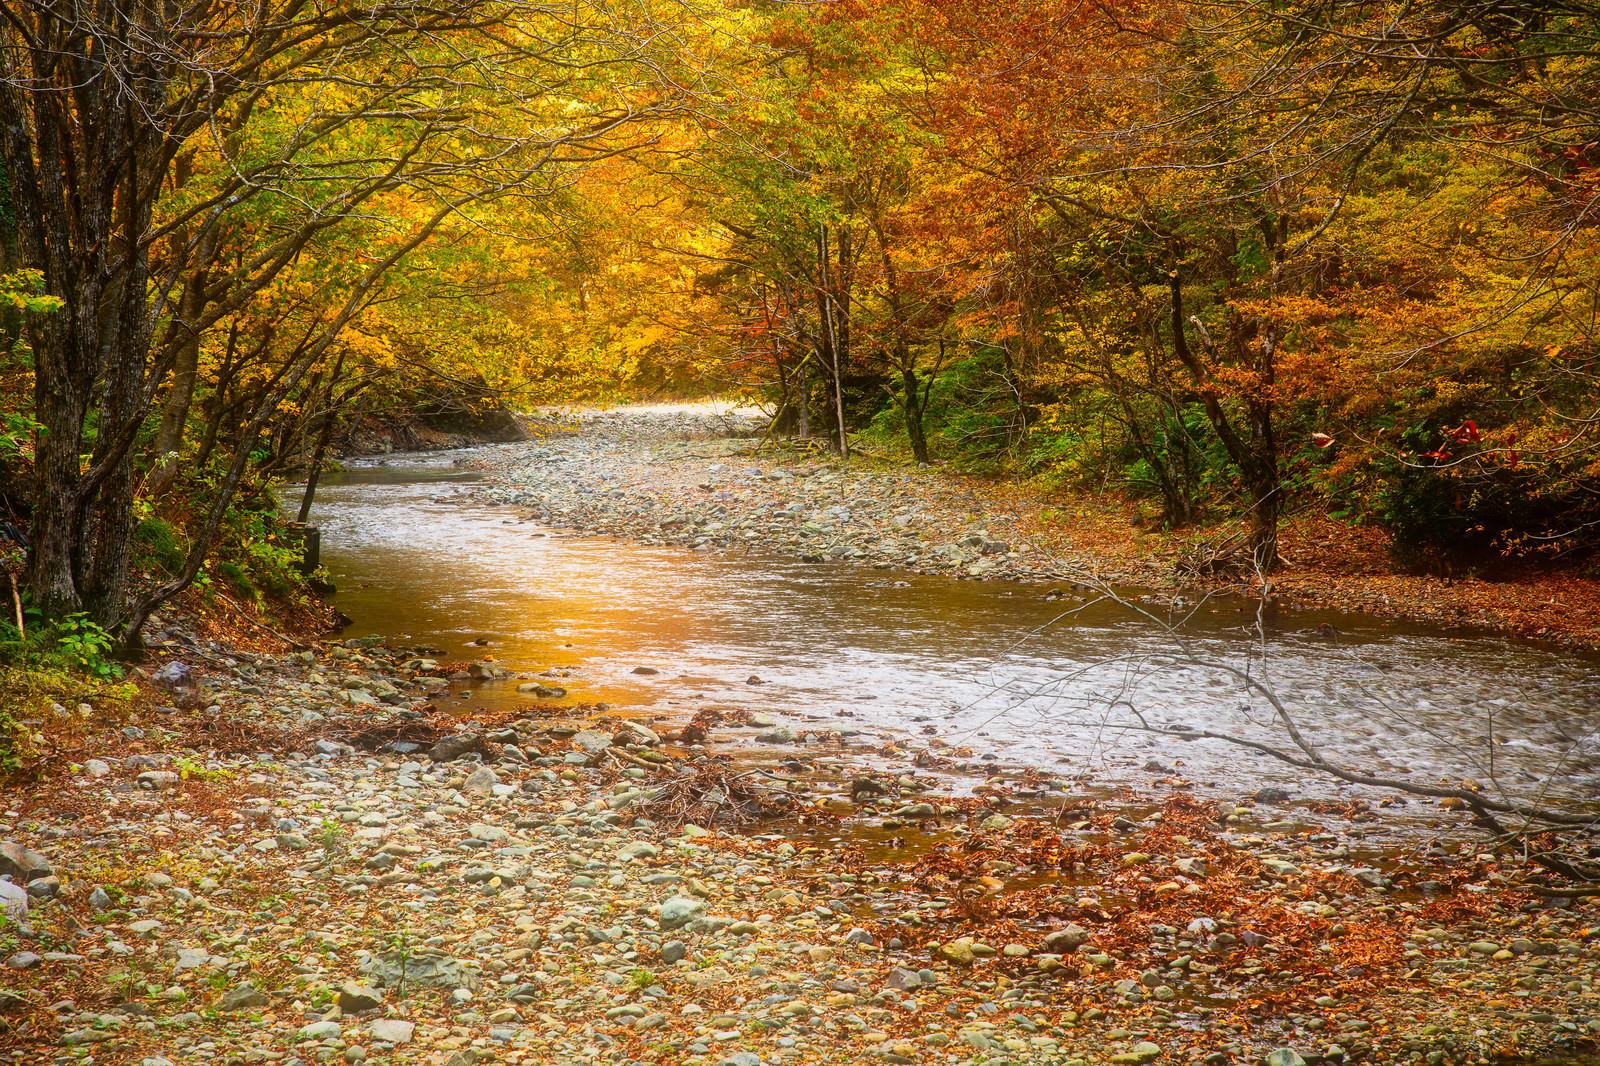 「秋の紅葉と真木渓谷(秋田県大仙市)」の写真